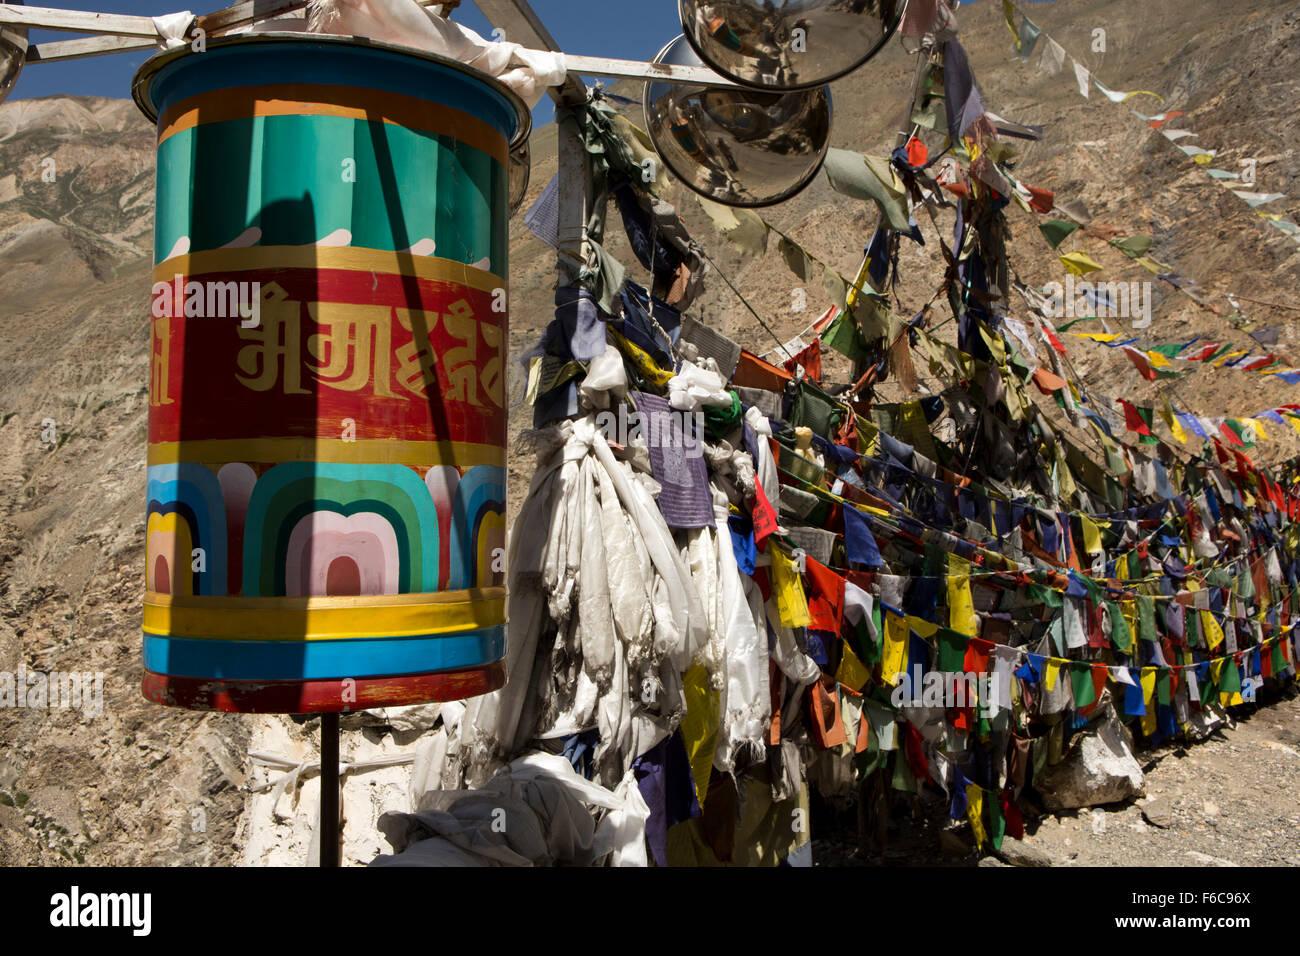 Indien, Himachal Pradesh, Kinnaur, Dirasang, Gebetsfahnen und Wind angetrieben Gebetsmühle am Straßenrand Stockbild